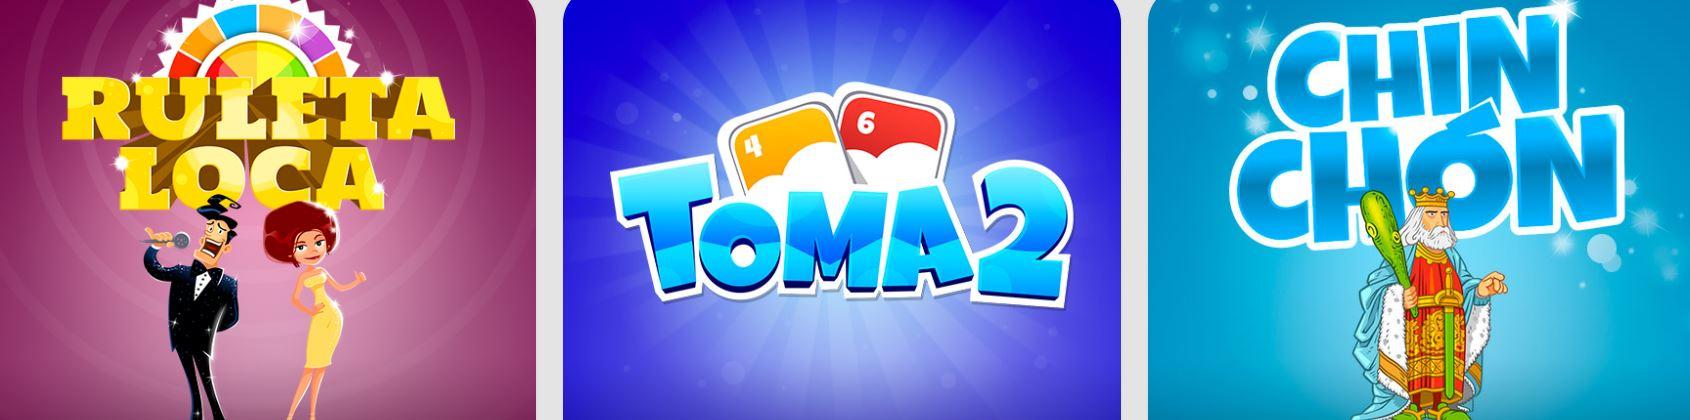 Los juegos de cartas como el toma 2 son muy populares dentro de este sitio web.